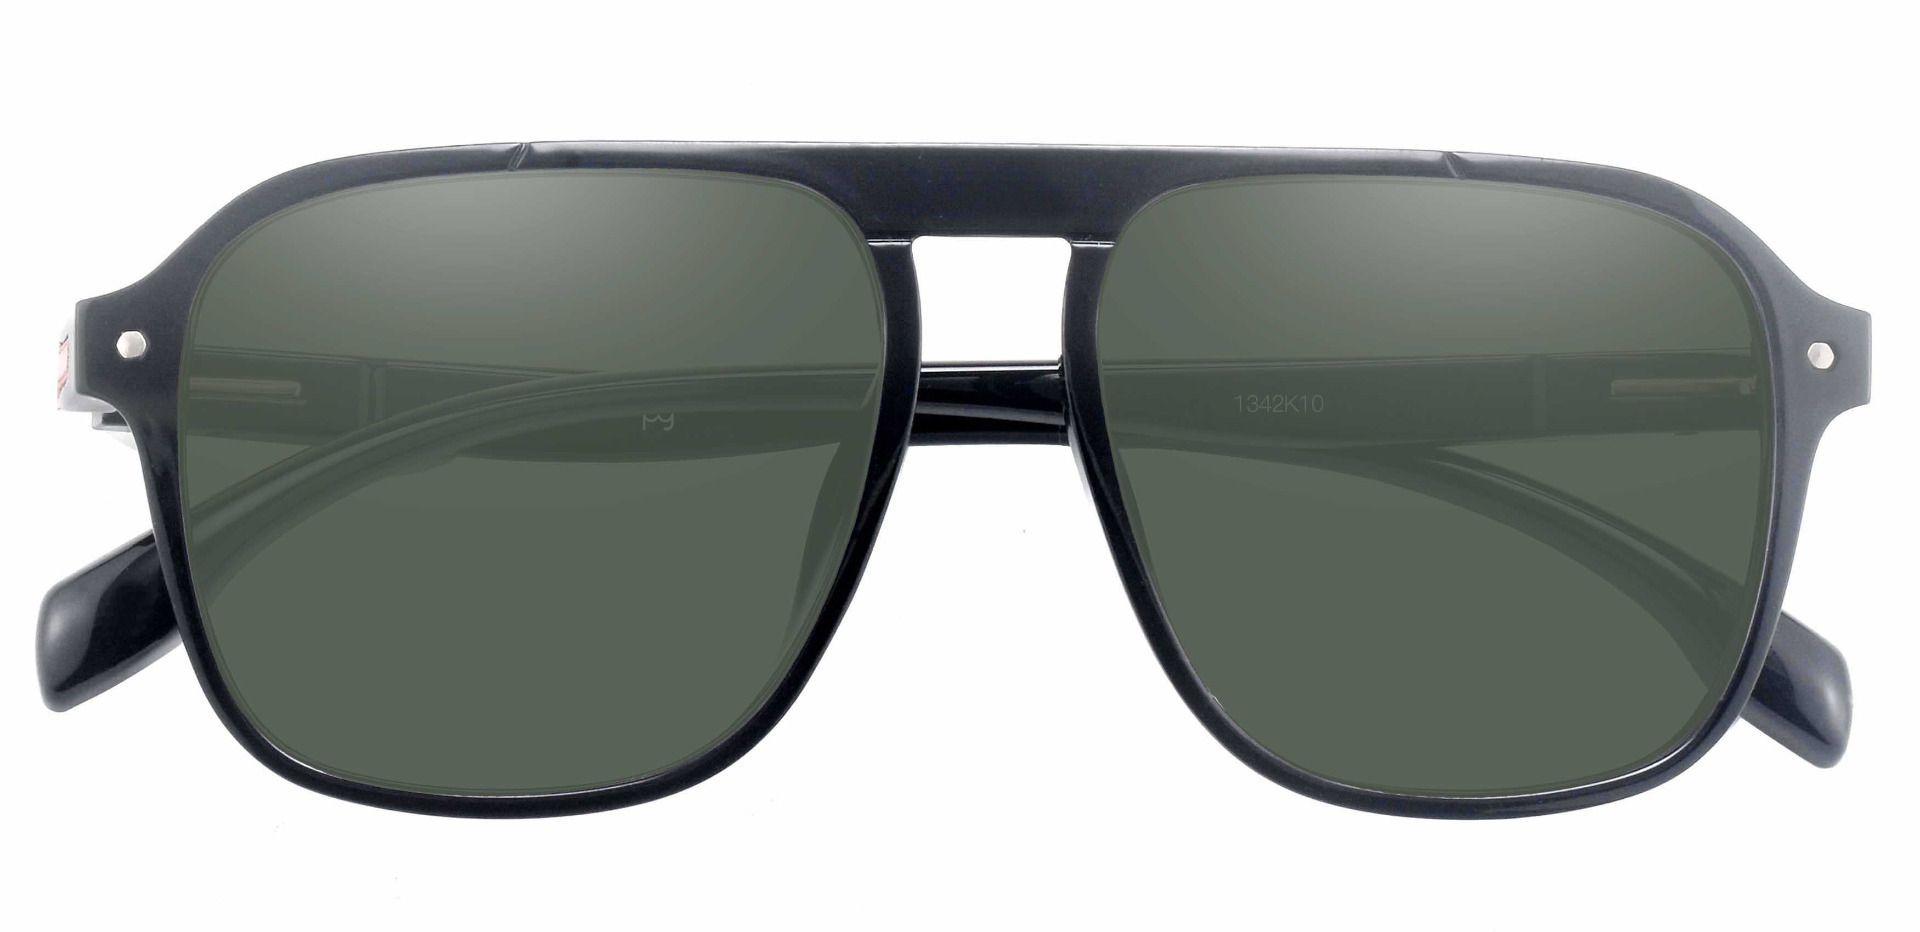 Gideon Aviator Progressive Sunglasses - Black Frame With Green Lenses